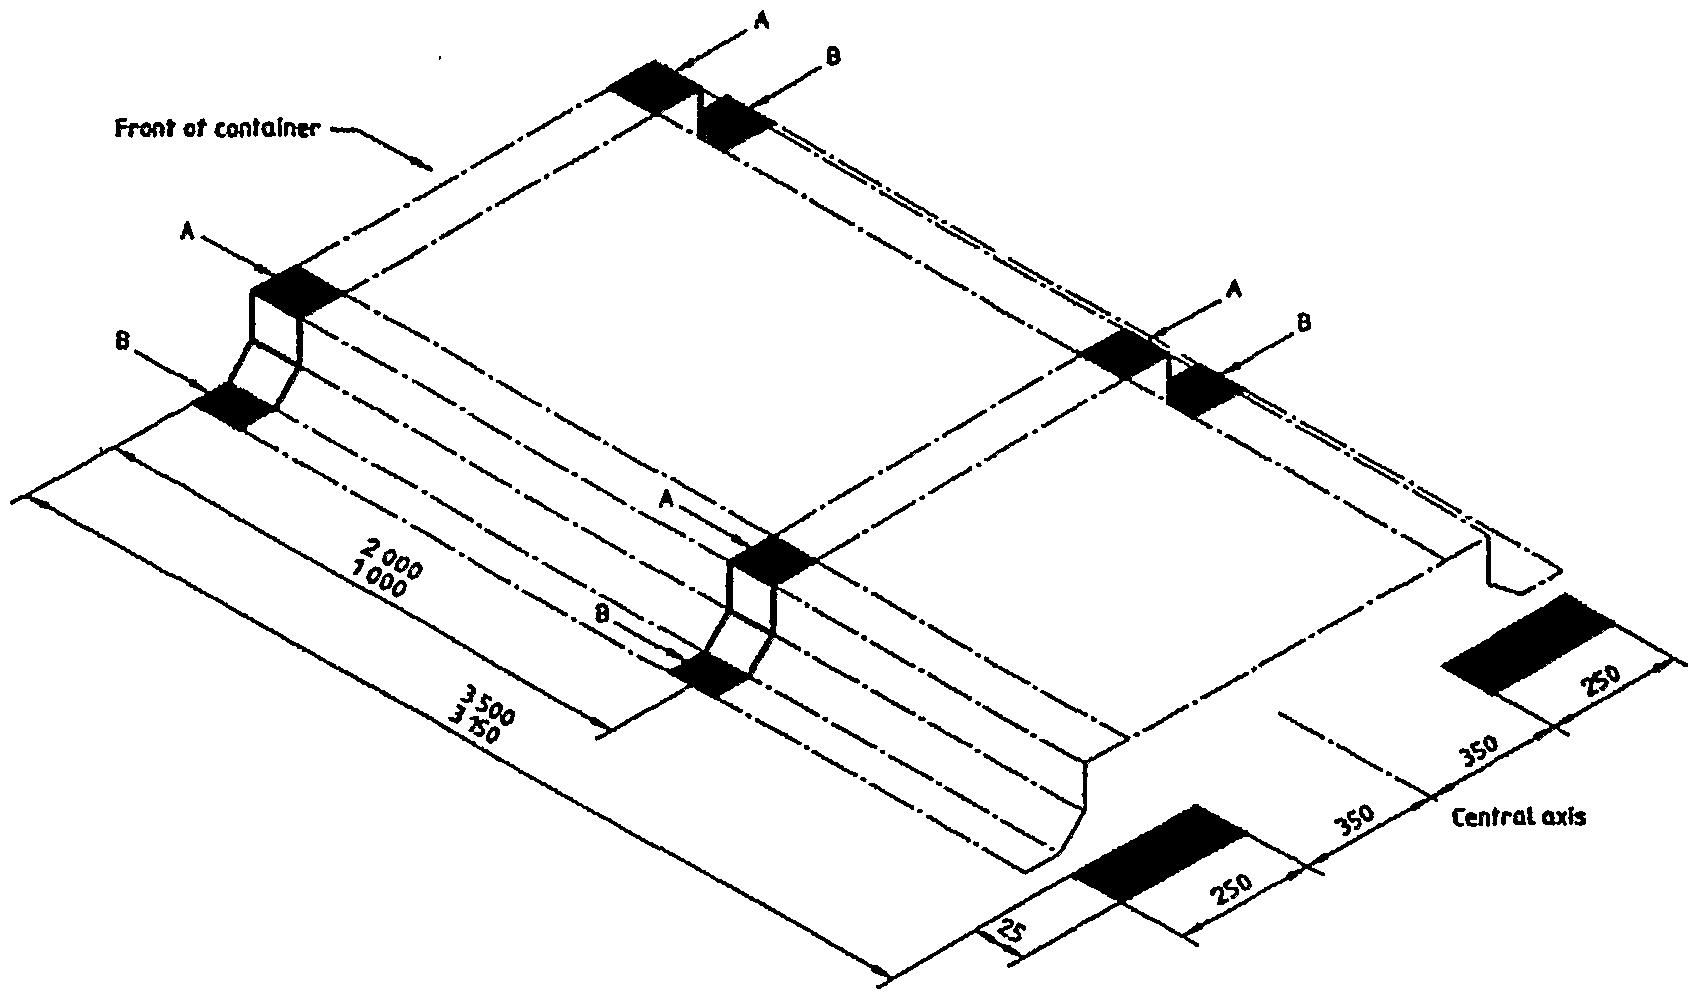 Intermodal Container Gooseneck Tunnel Dimensions